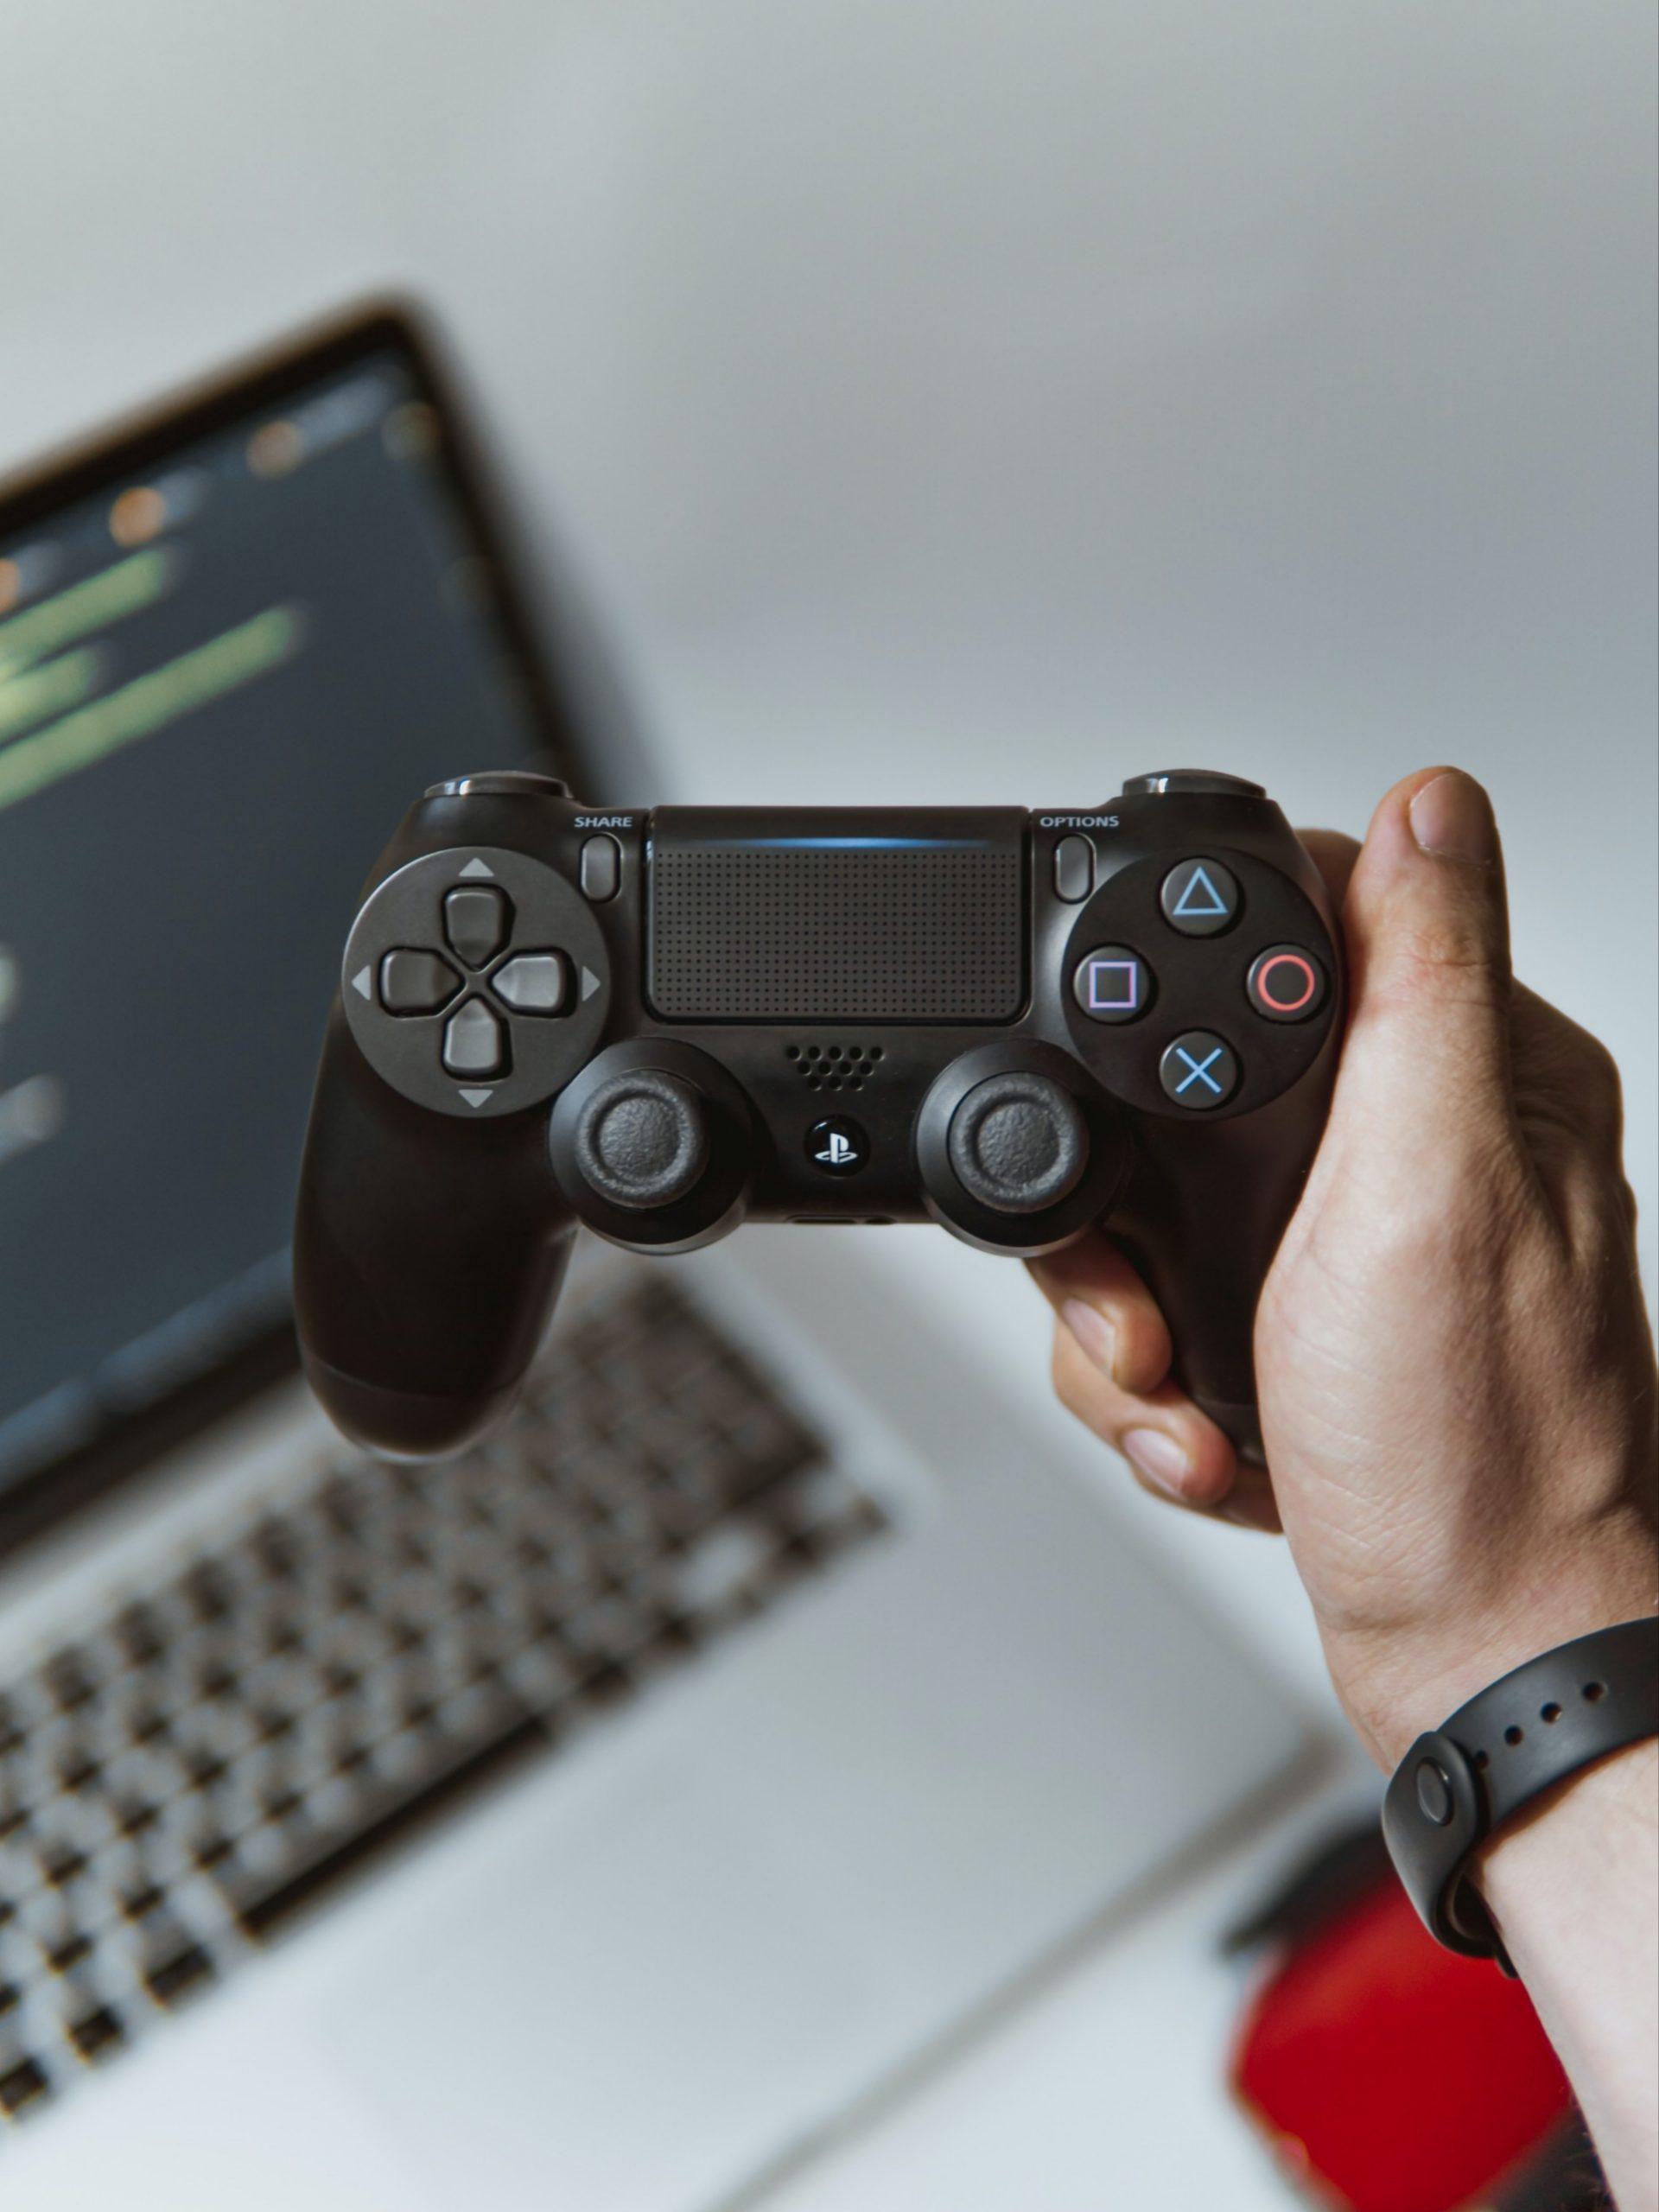 A video game controller